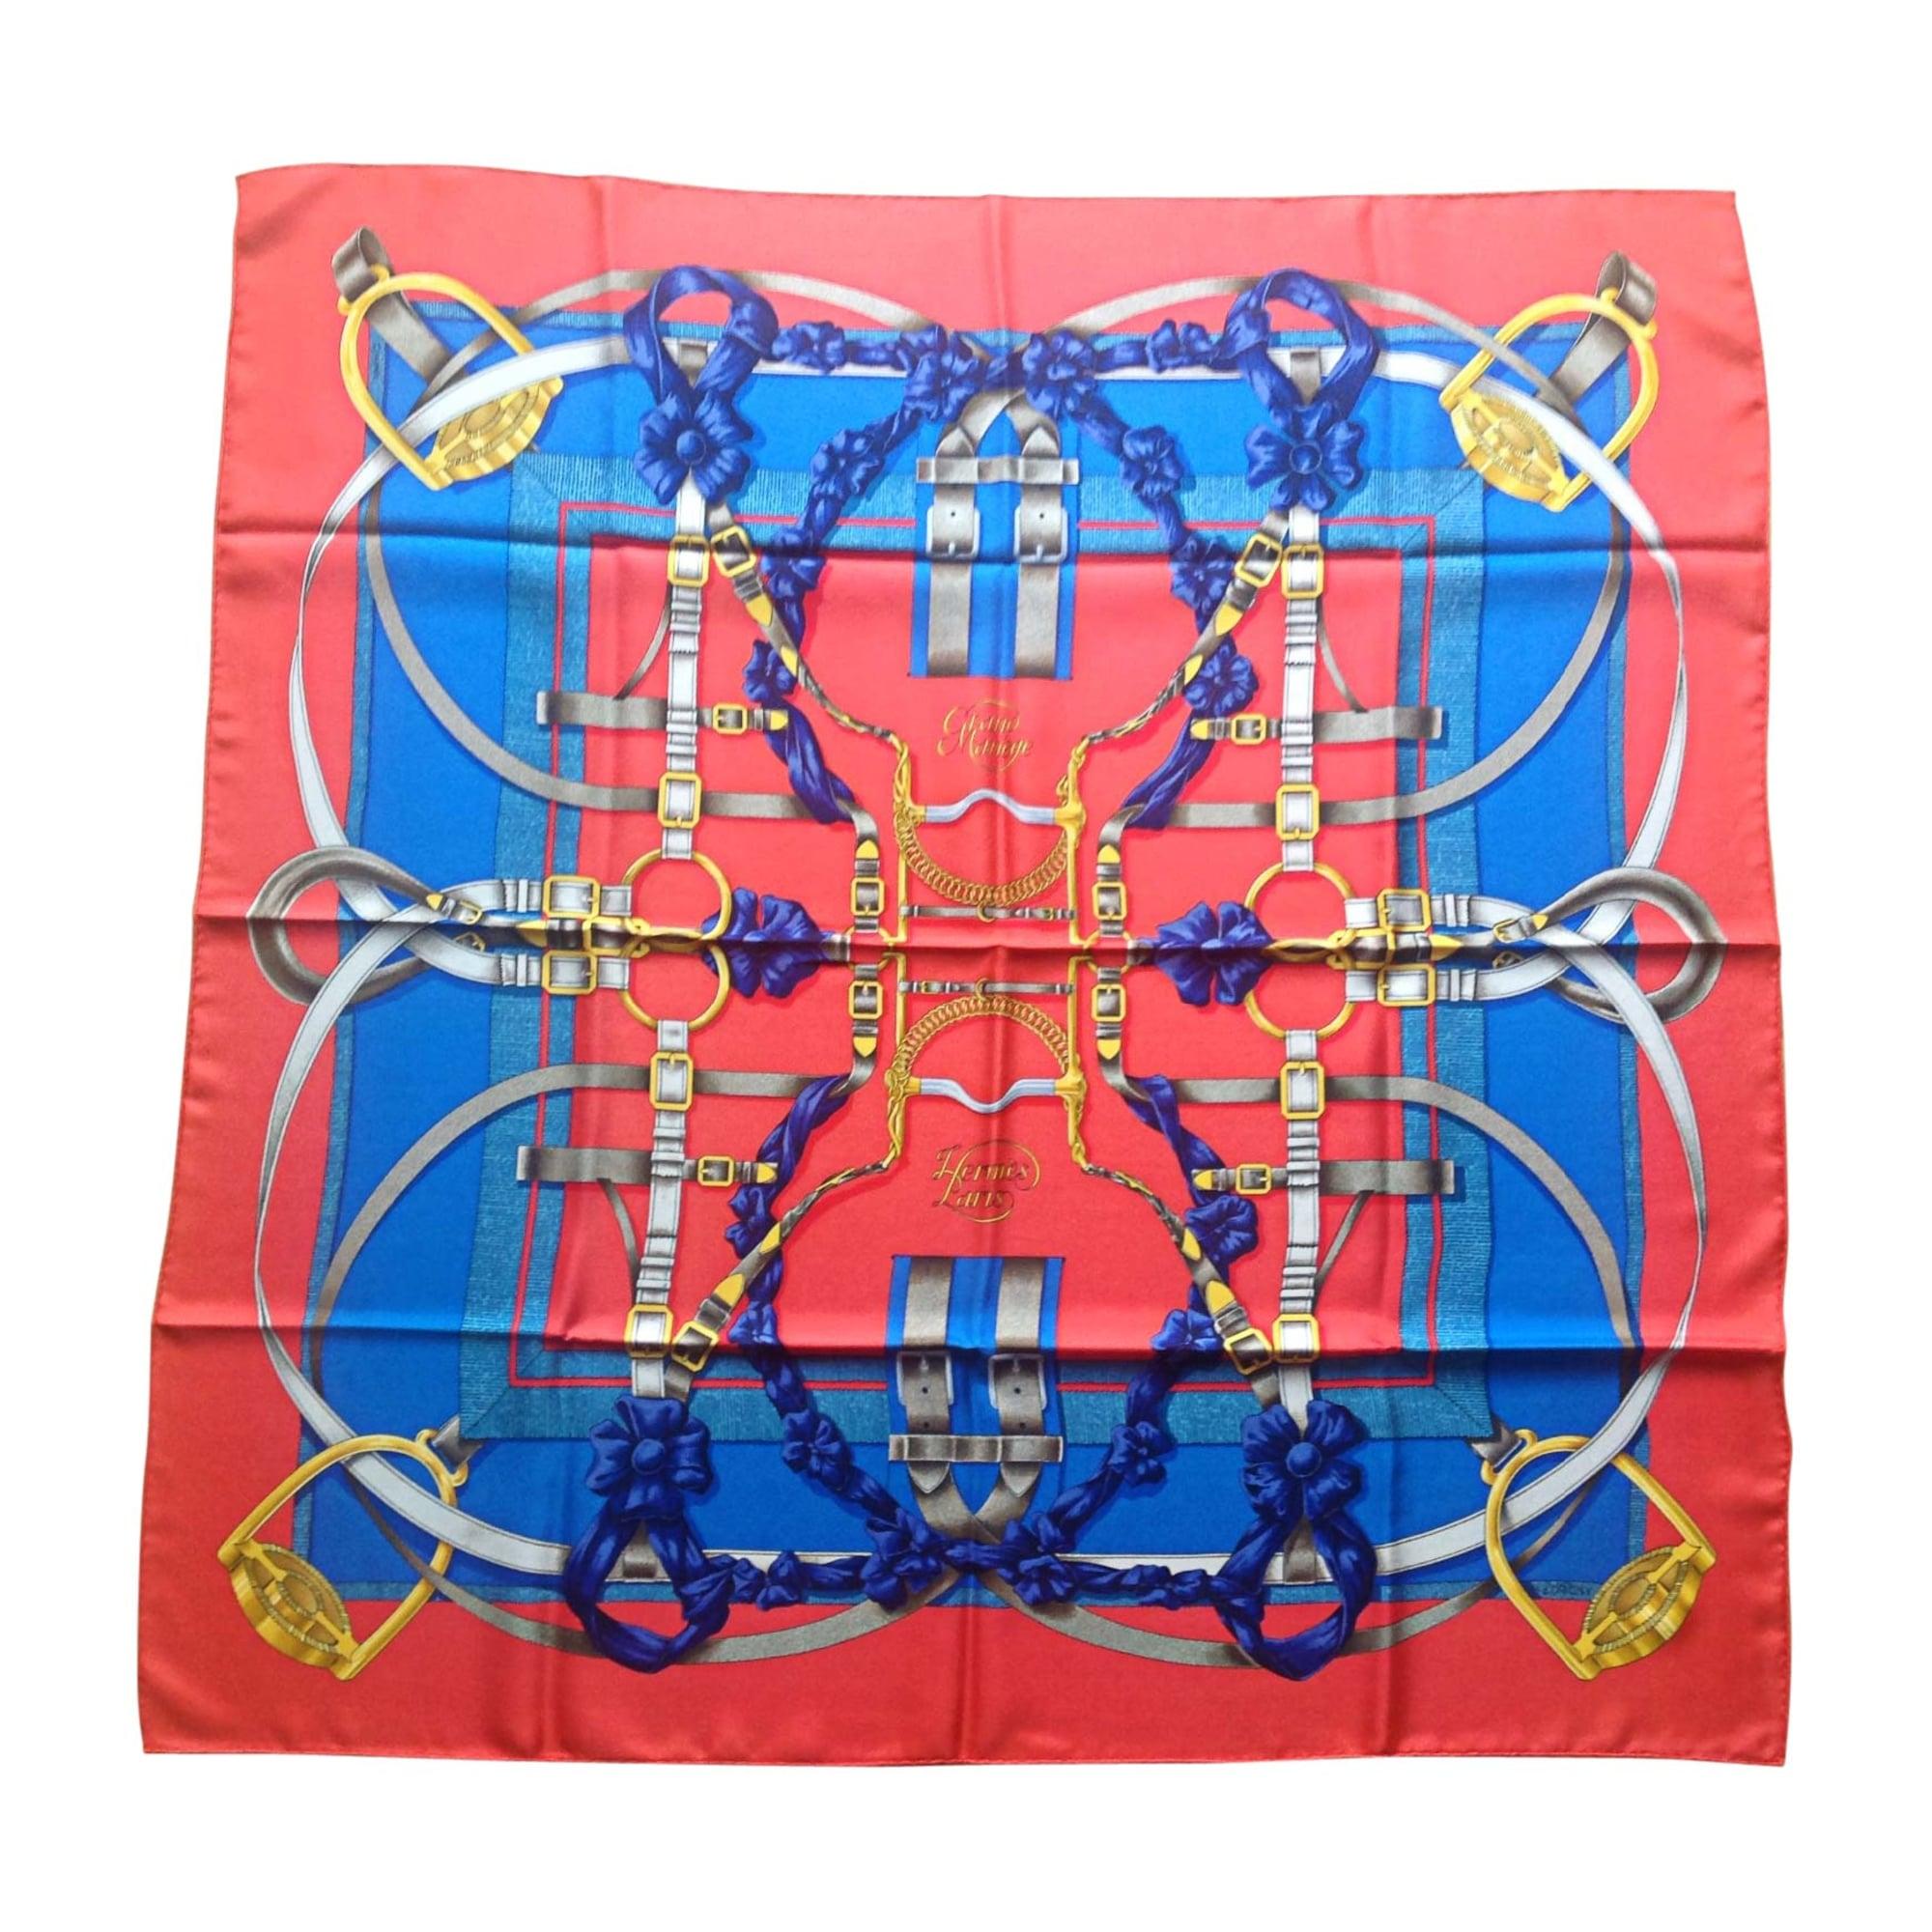 7fdd44a3b0a4 Foulard HERMÈS carr rouge et bleu etc.... vendu par Dimseize214 ...